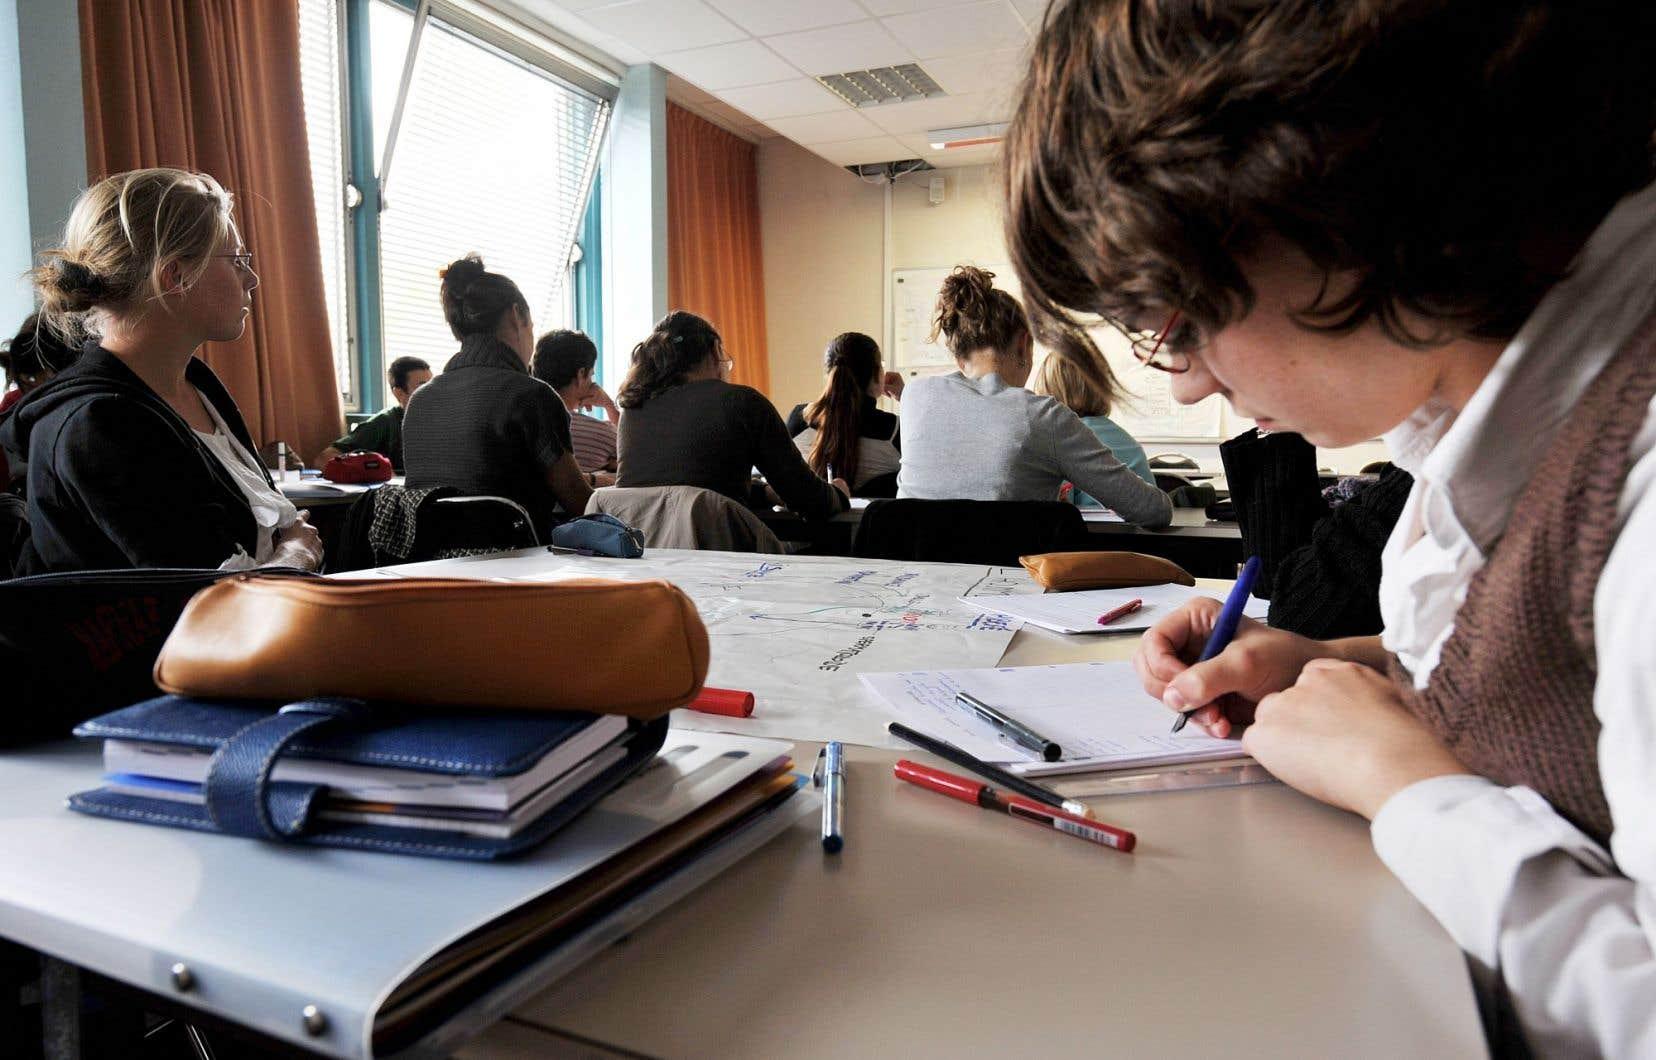 Près de 25000 adultes suivent chaque année des cours de formation continue dans les cégeps de la province. Environ 56% d'entre eux sont inscrits à un programme conduisant à une attestation d'études collégiales (AEC), 25% à un diplôme d'études collégiales (DEC).